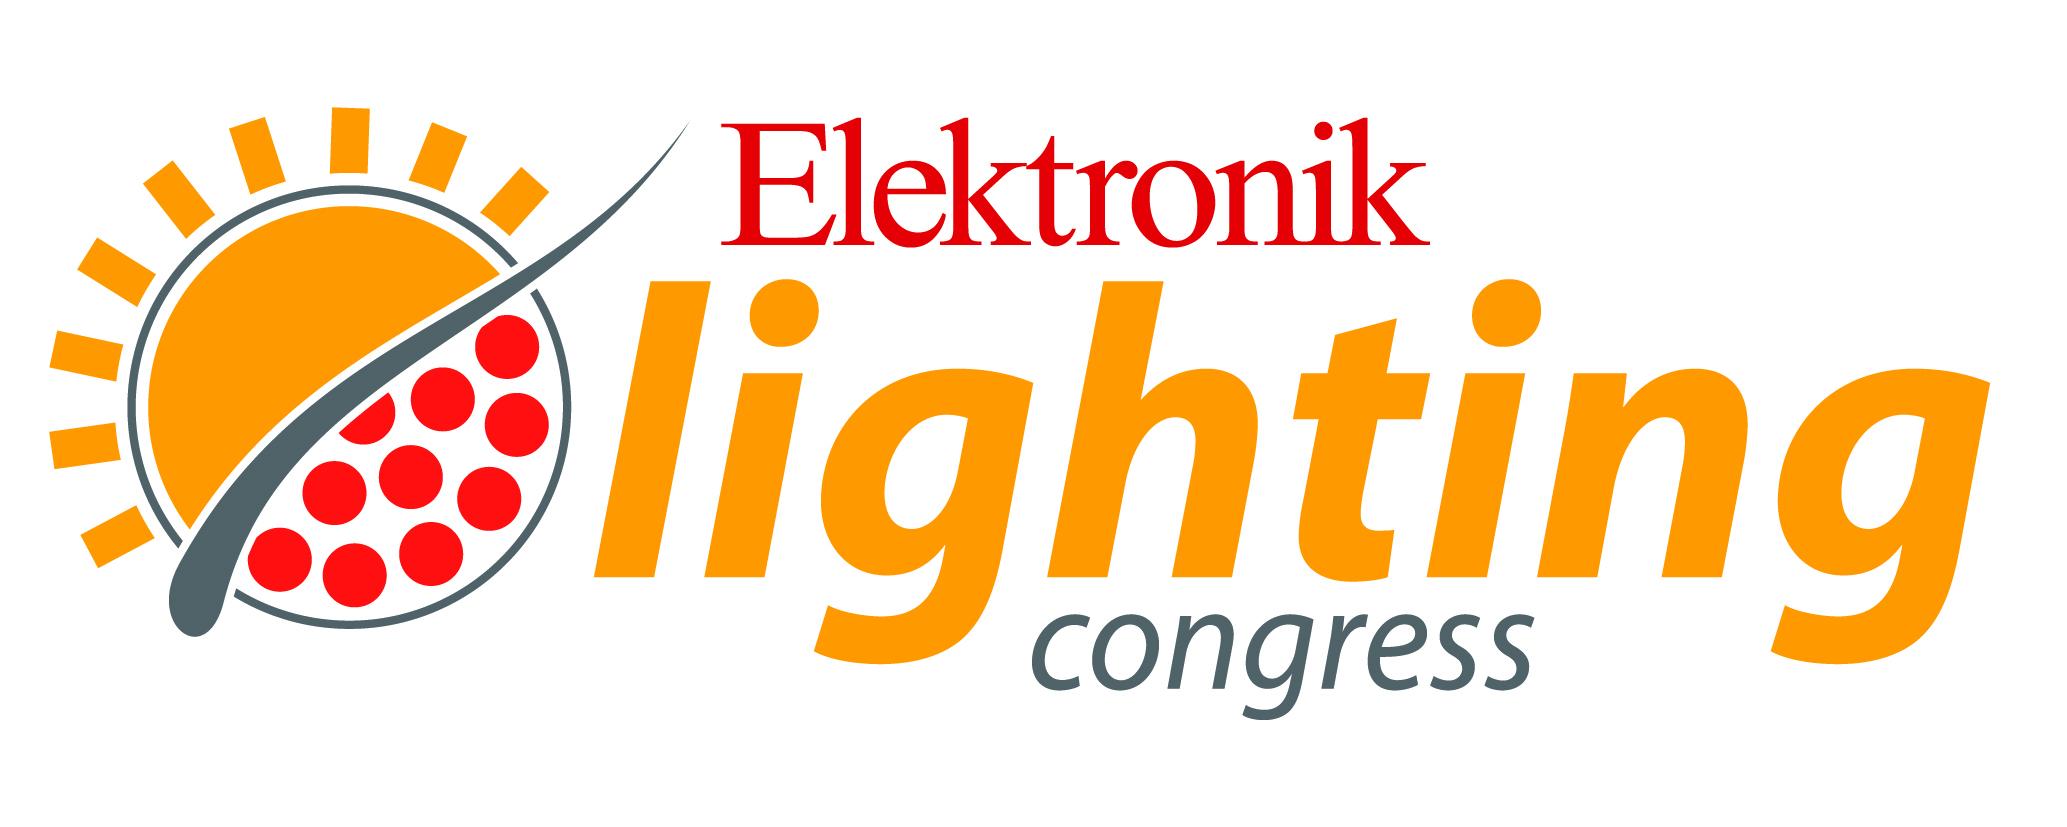 ek_pdf_logo